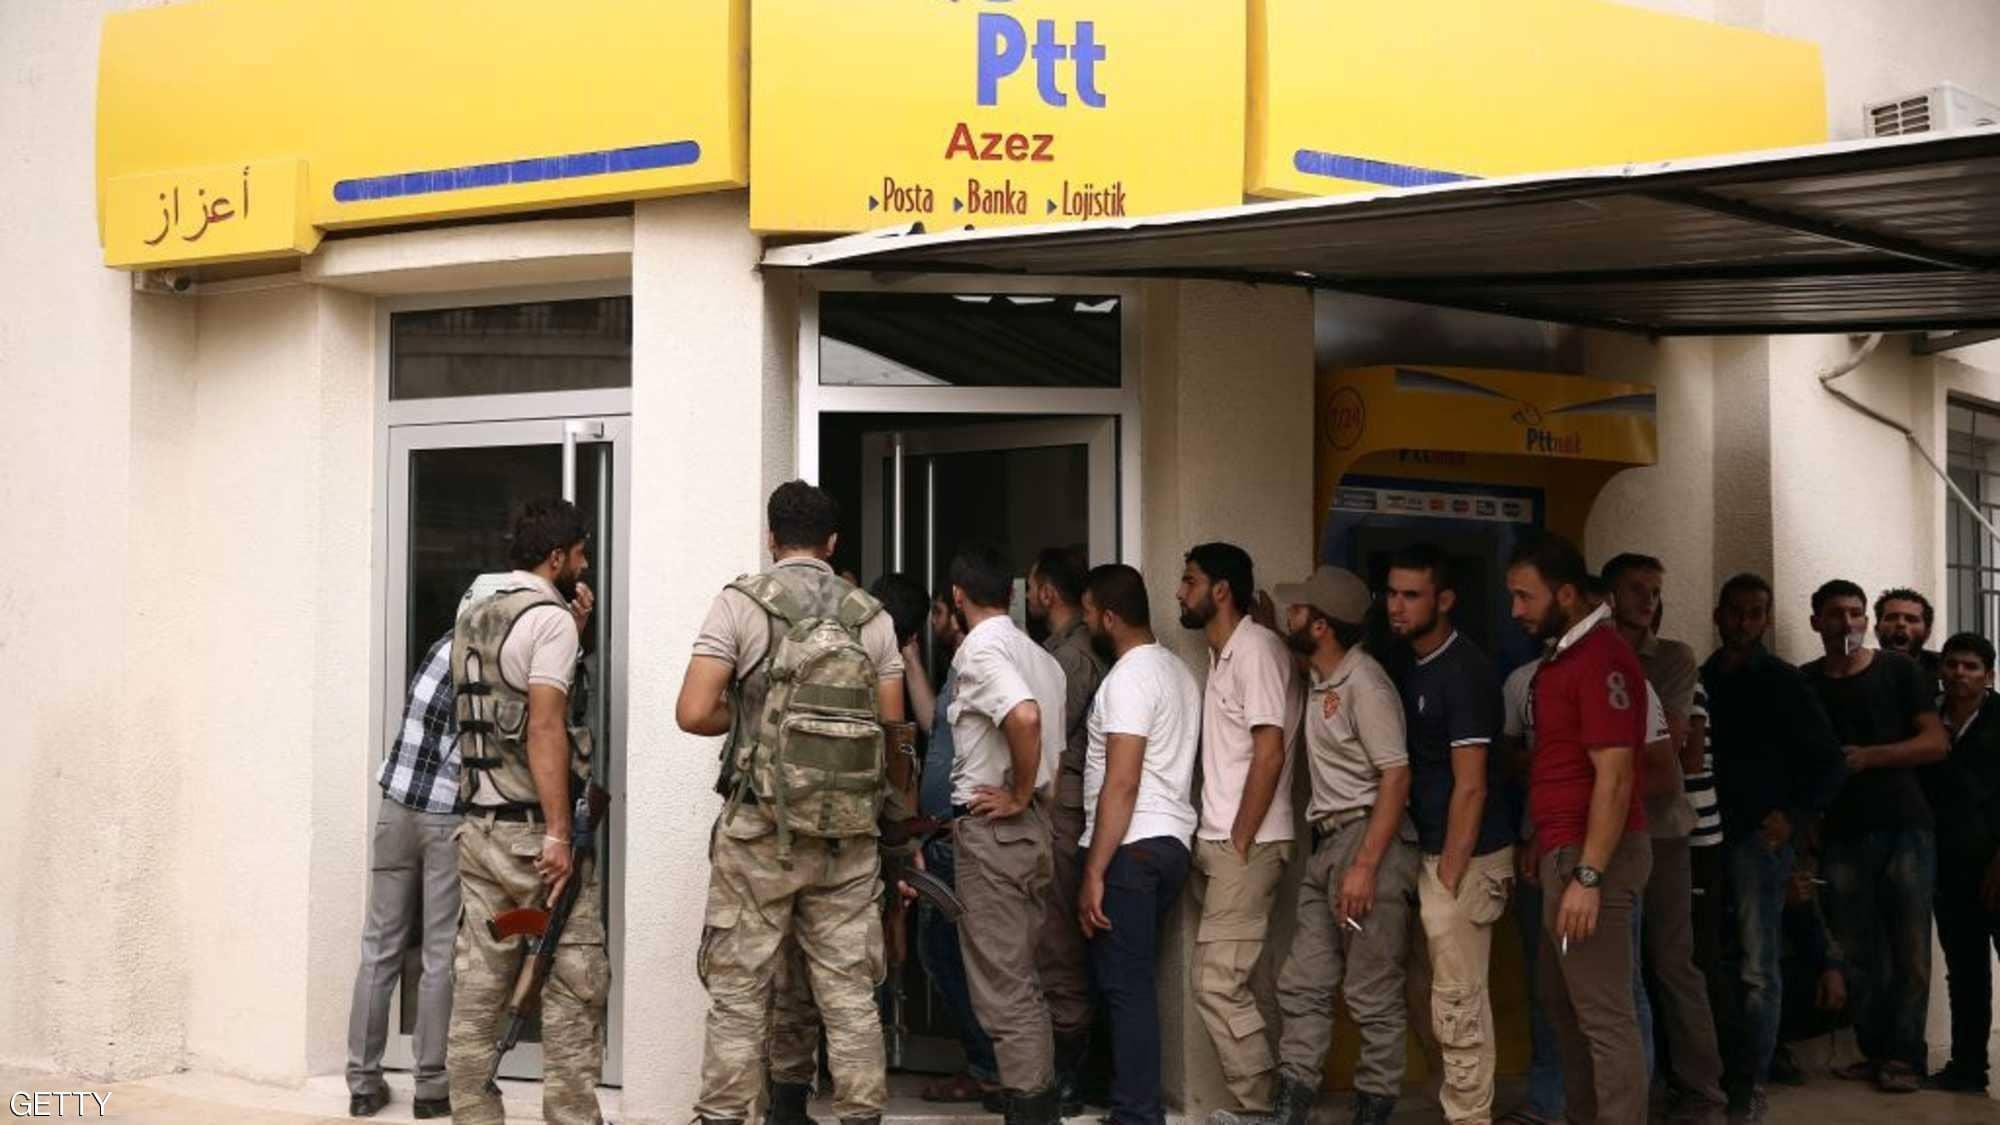 مكتب بريد تركي في مدينة اعزاز السورية في حلب